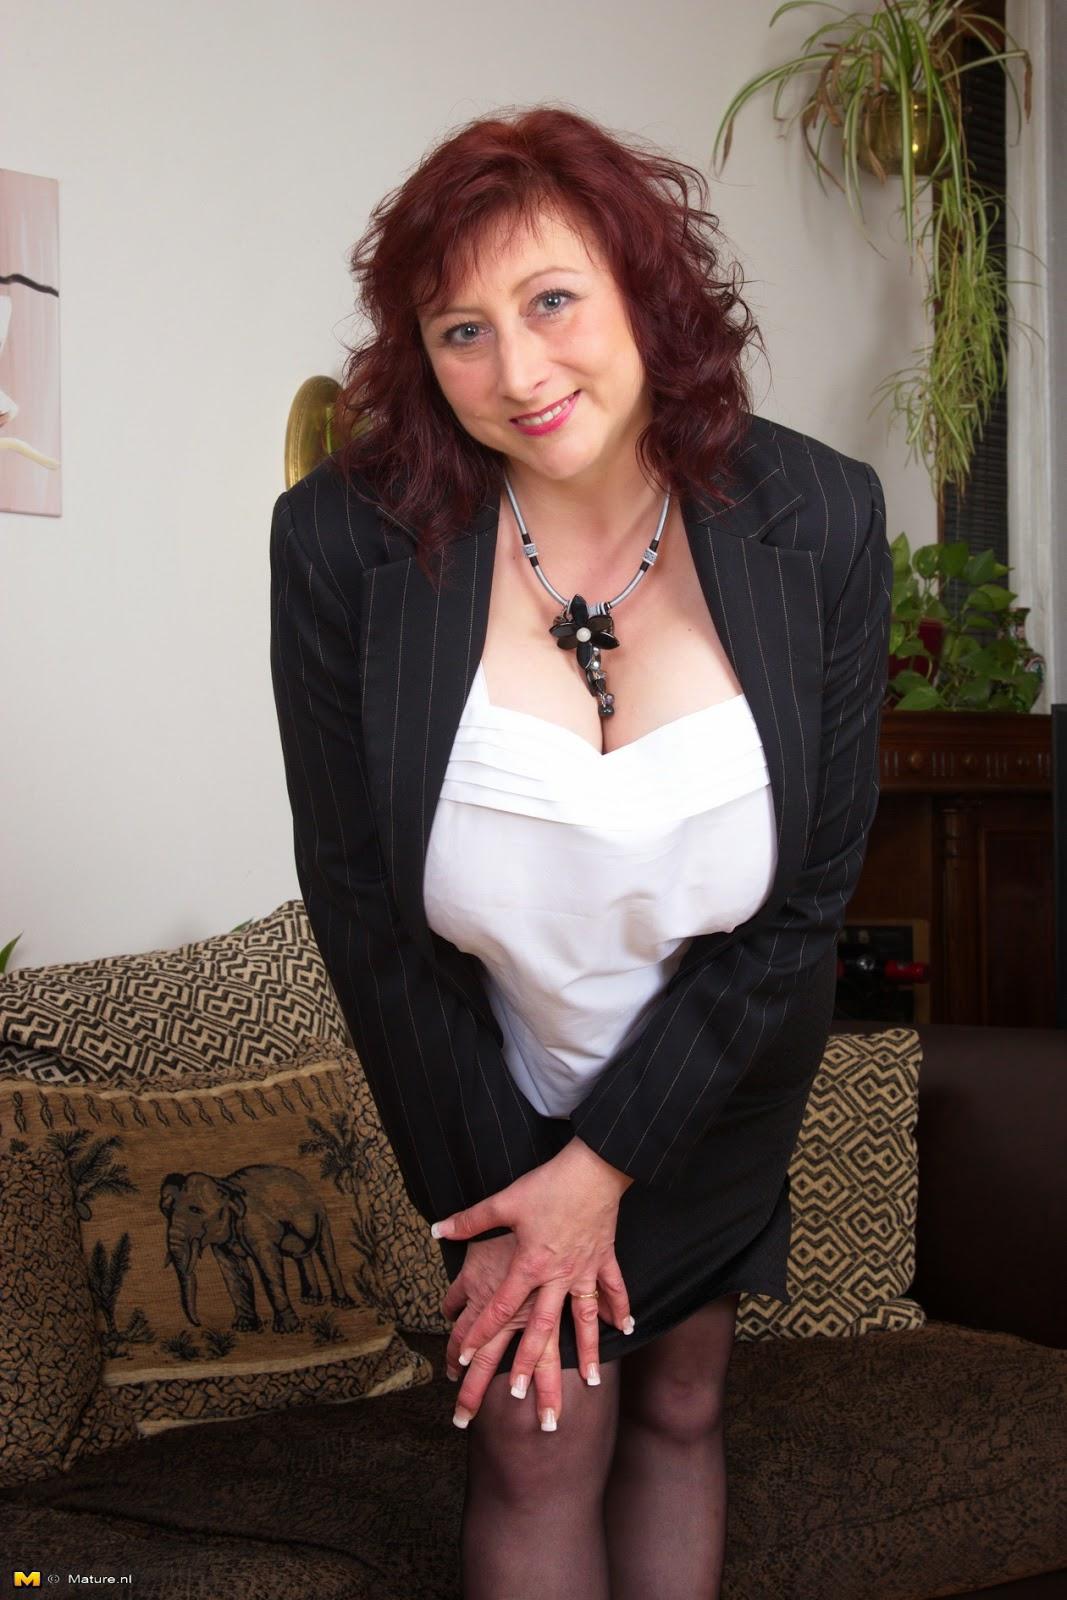 Alicia loren nude the sopranos s06e07 - 2 part 2